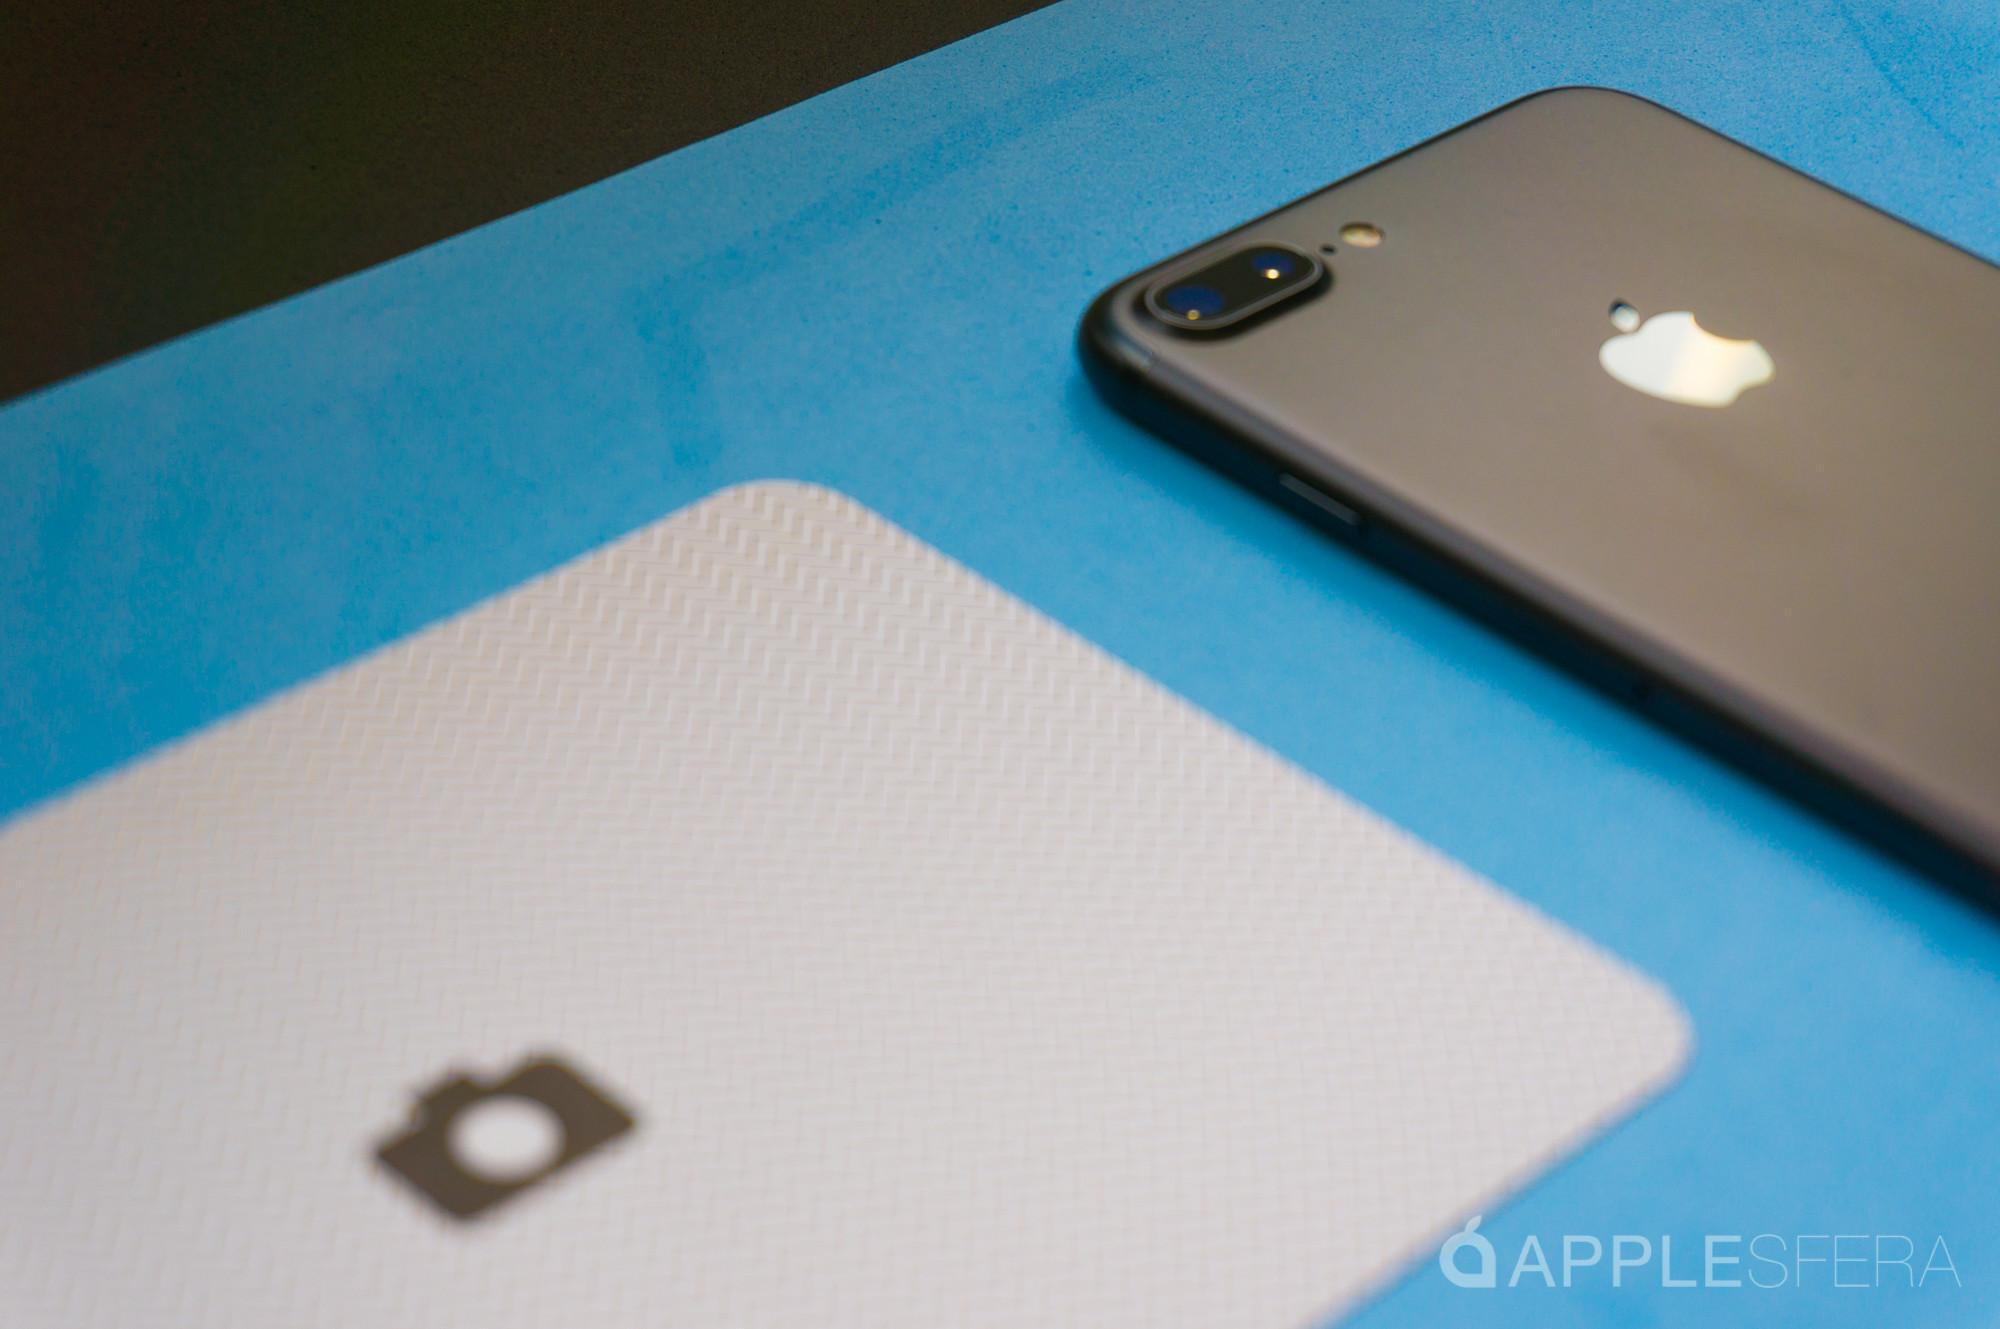 Diseño del iPhone 7 Plus